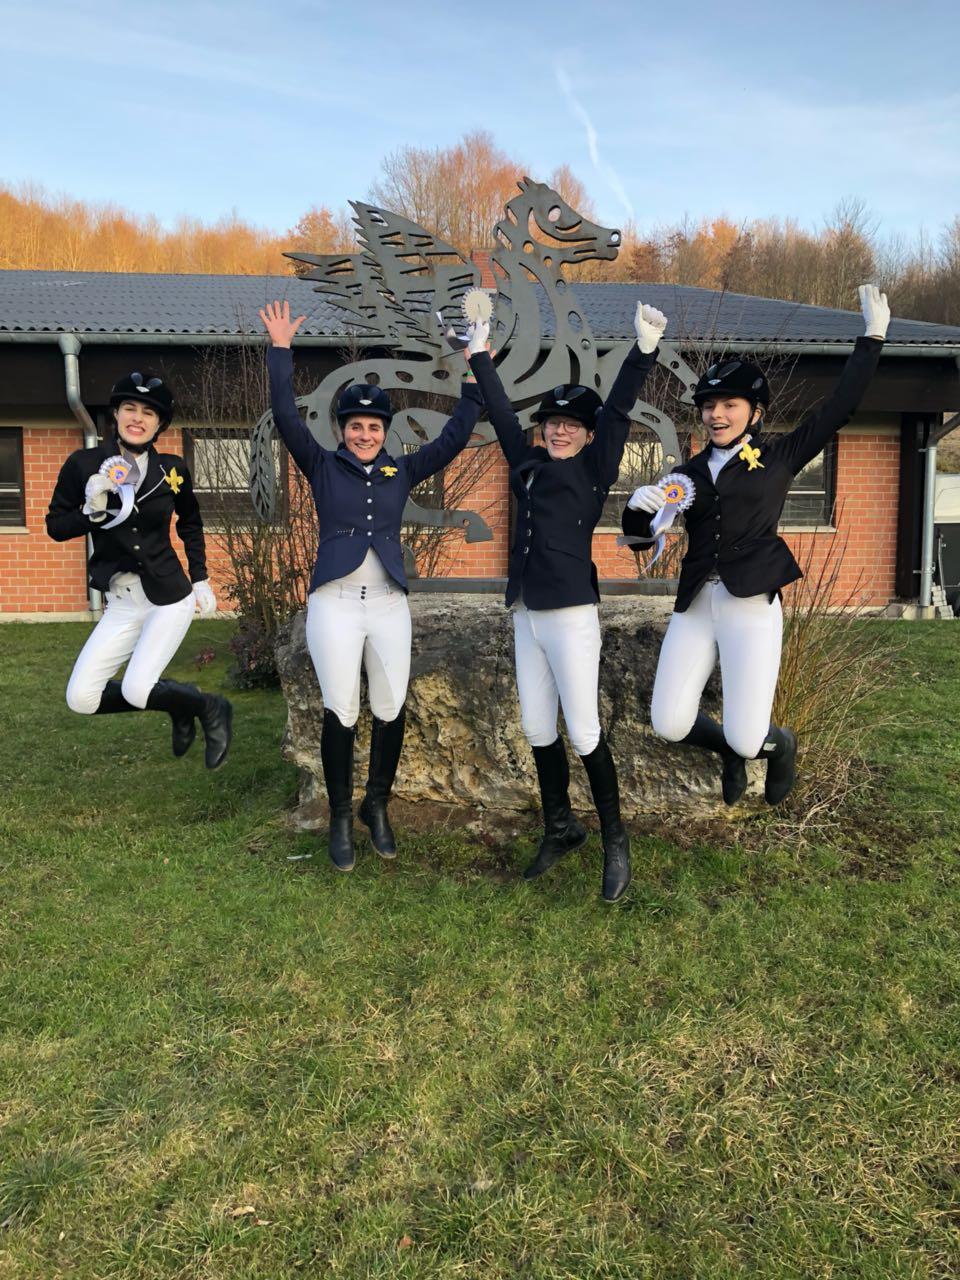 Dritter Platz Halbfinale Schulpferdecup Marbach 2018